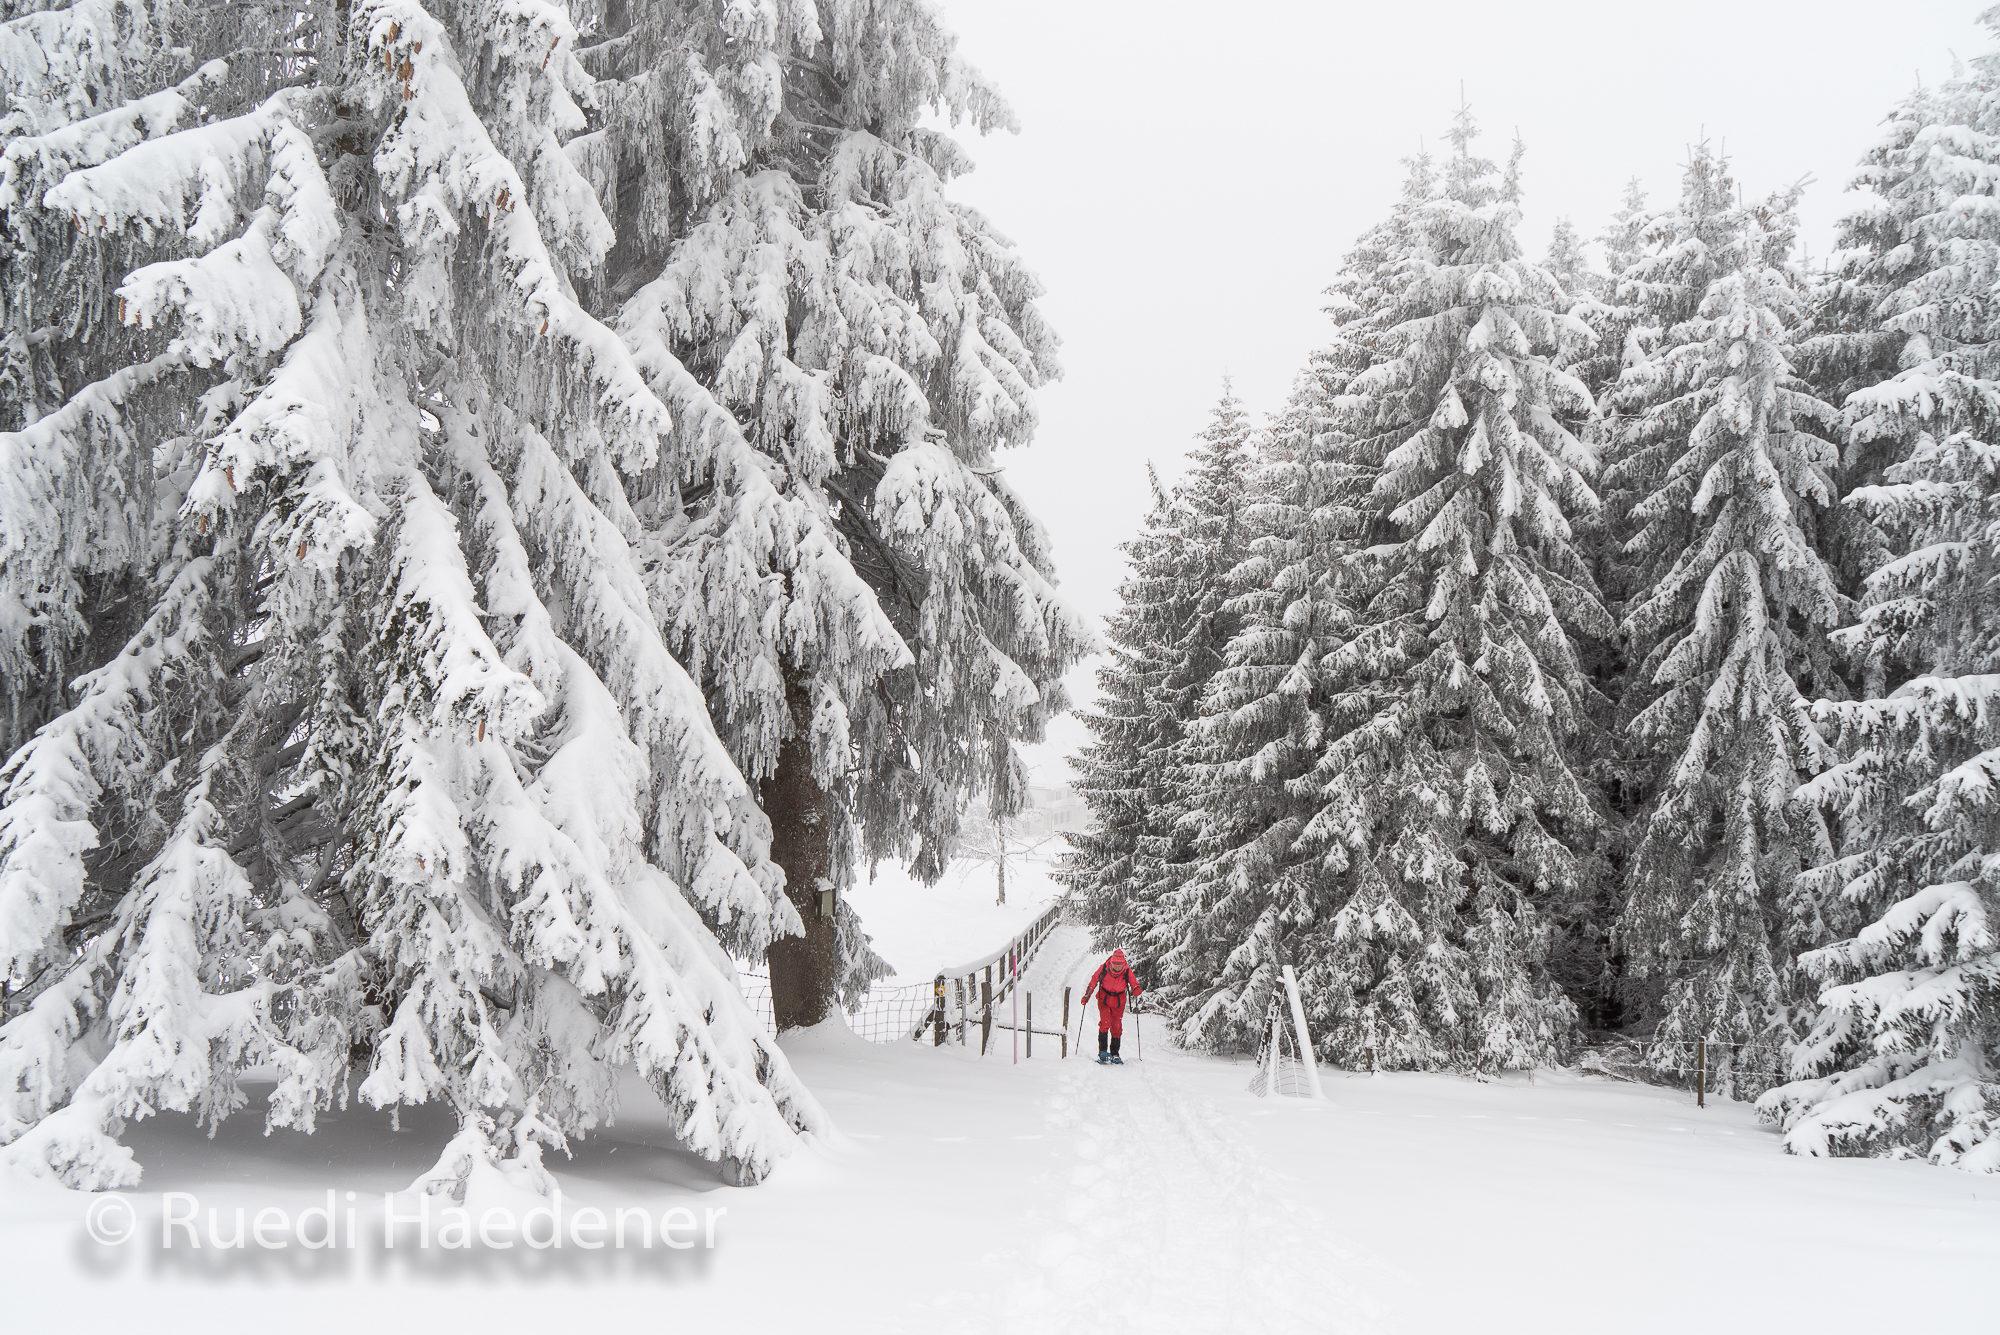 auf Schneeschuhen zwischen Tannen